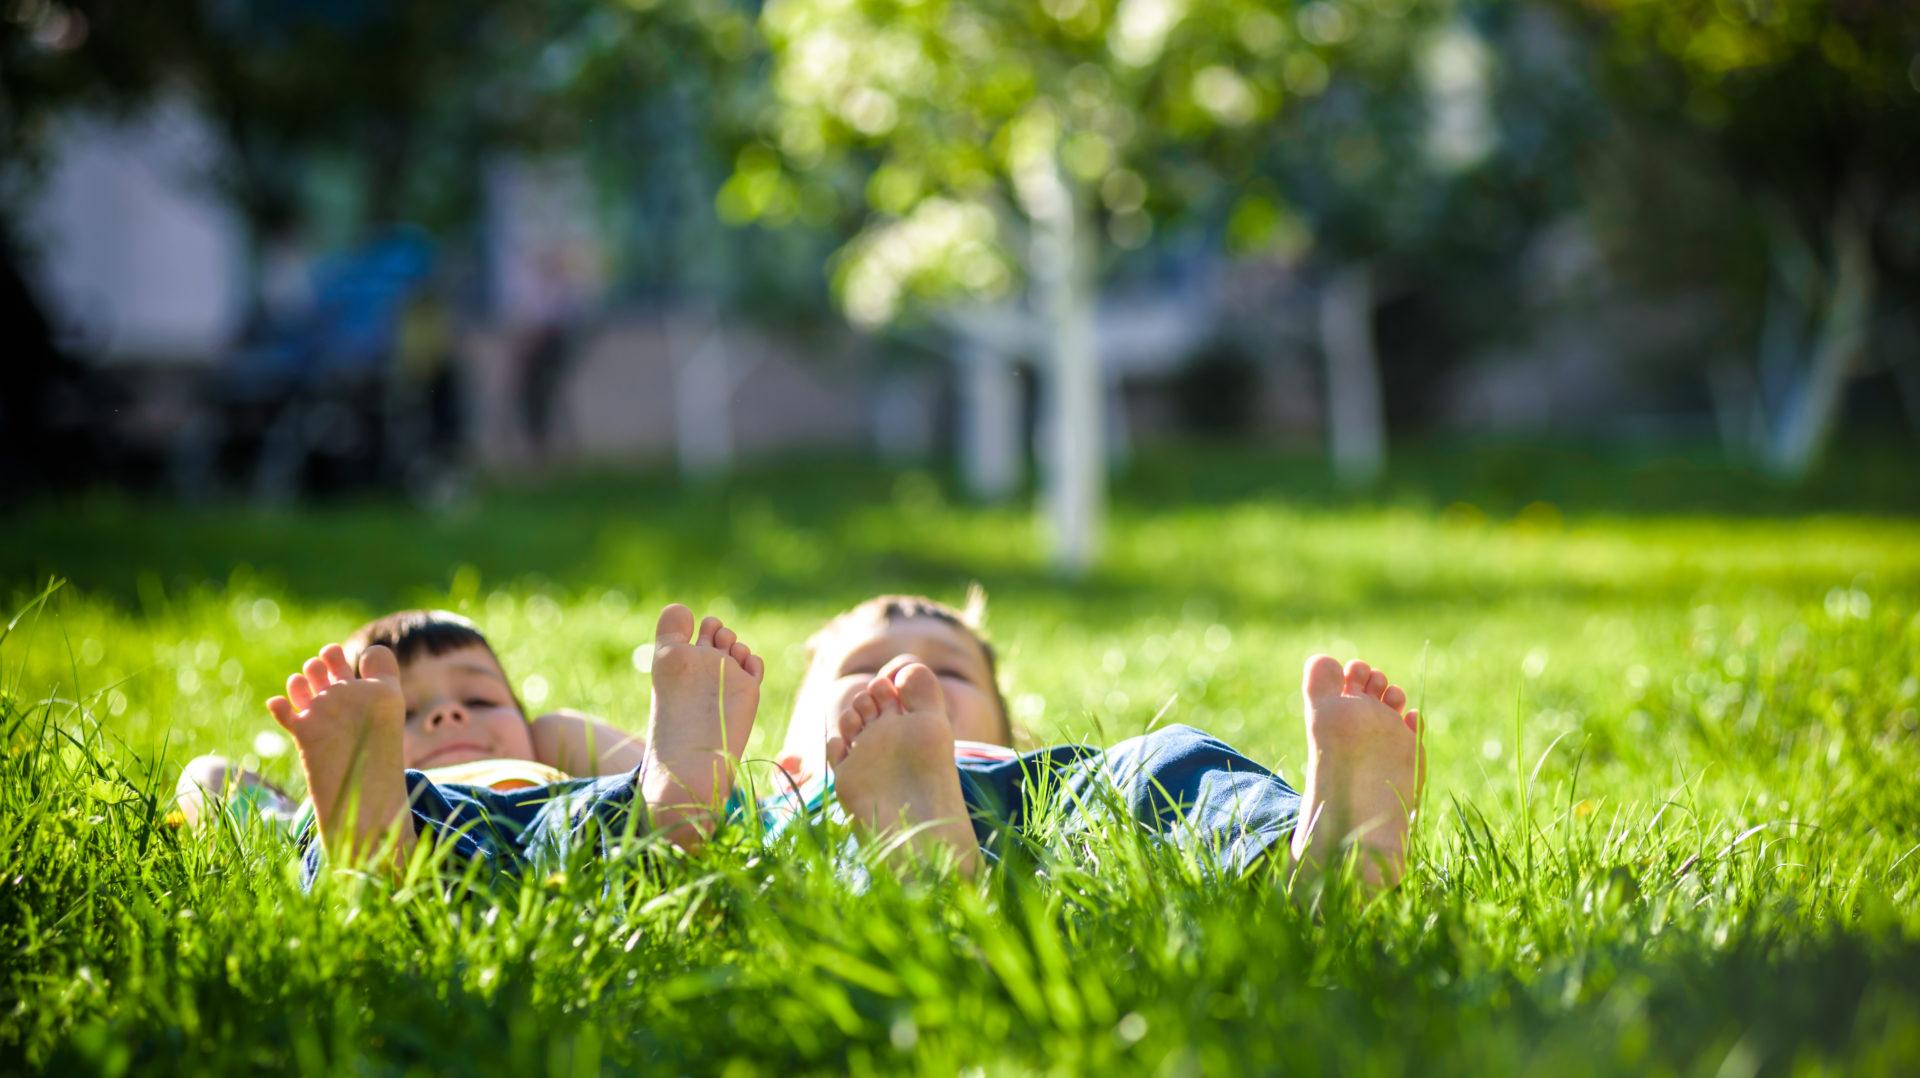 3 Jeux À Éviter Pour Les Jeunes Enfants: Trotteur, Canard dedans Jeux Pour Jeunes Enfants